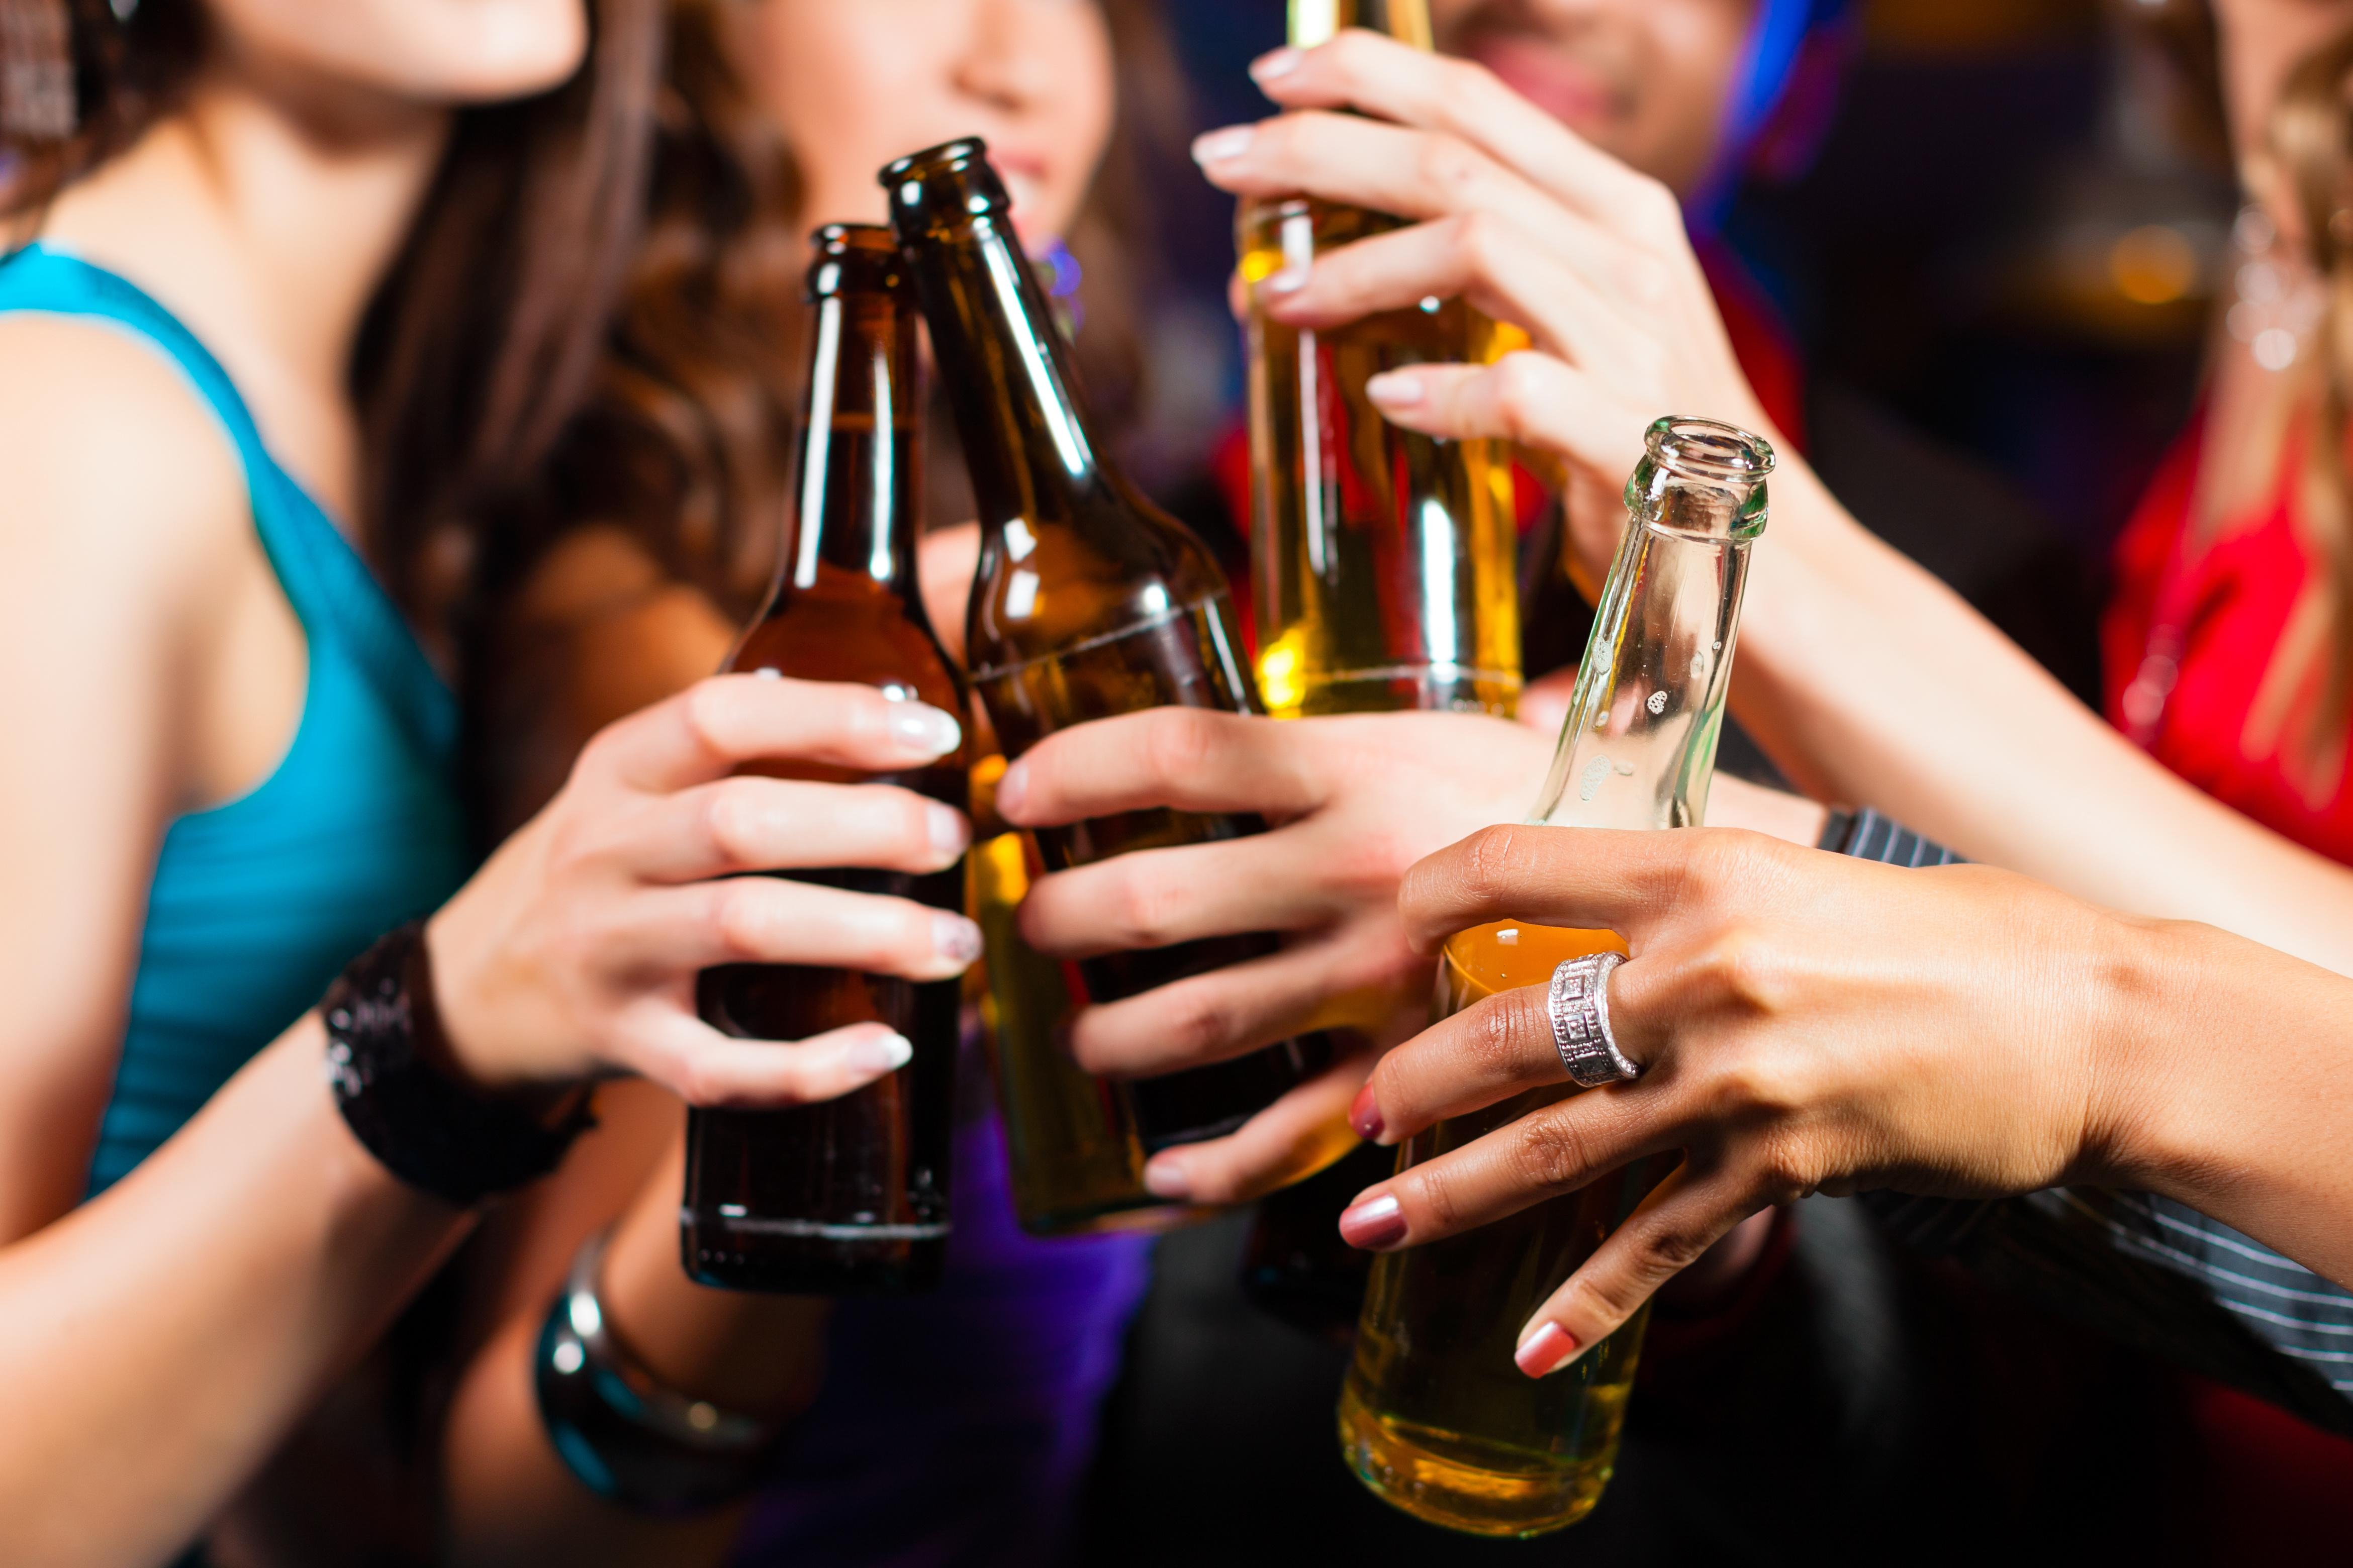 Івано-Франківськ: в одному із магазинів по вулиці Коновальця неповнолітнім продавали алкоголь (фотофакт)